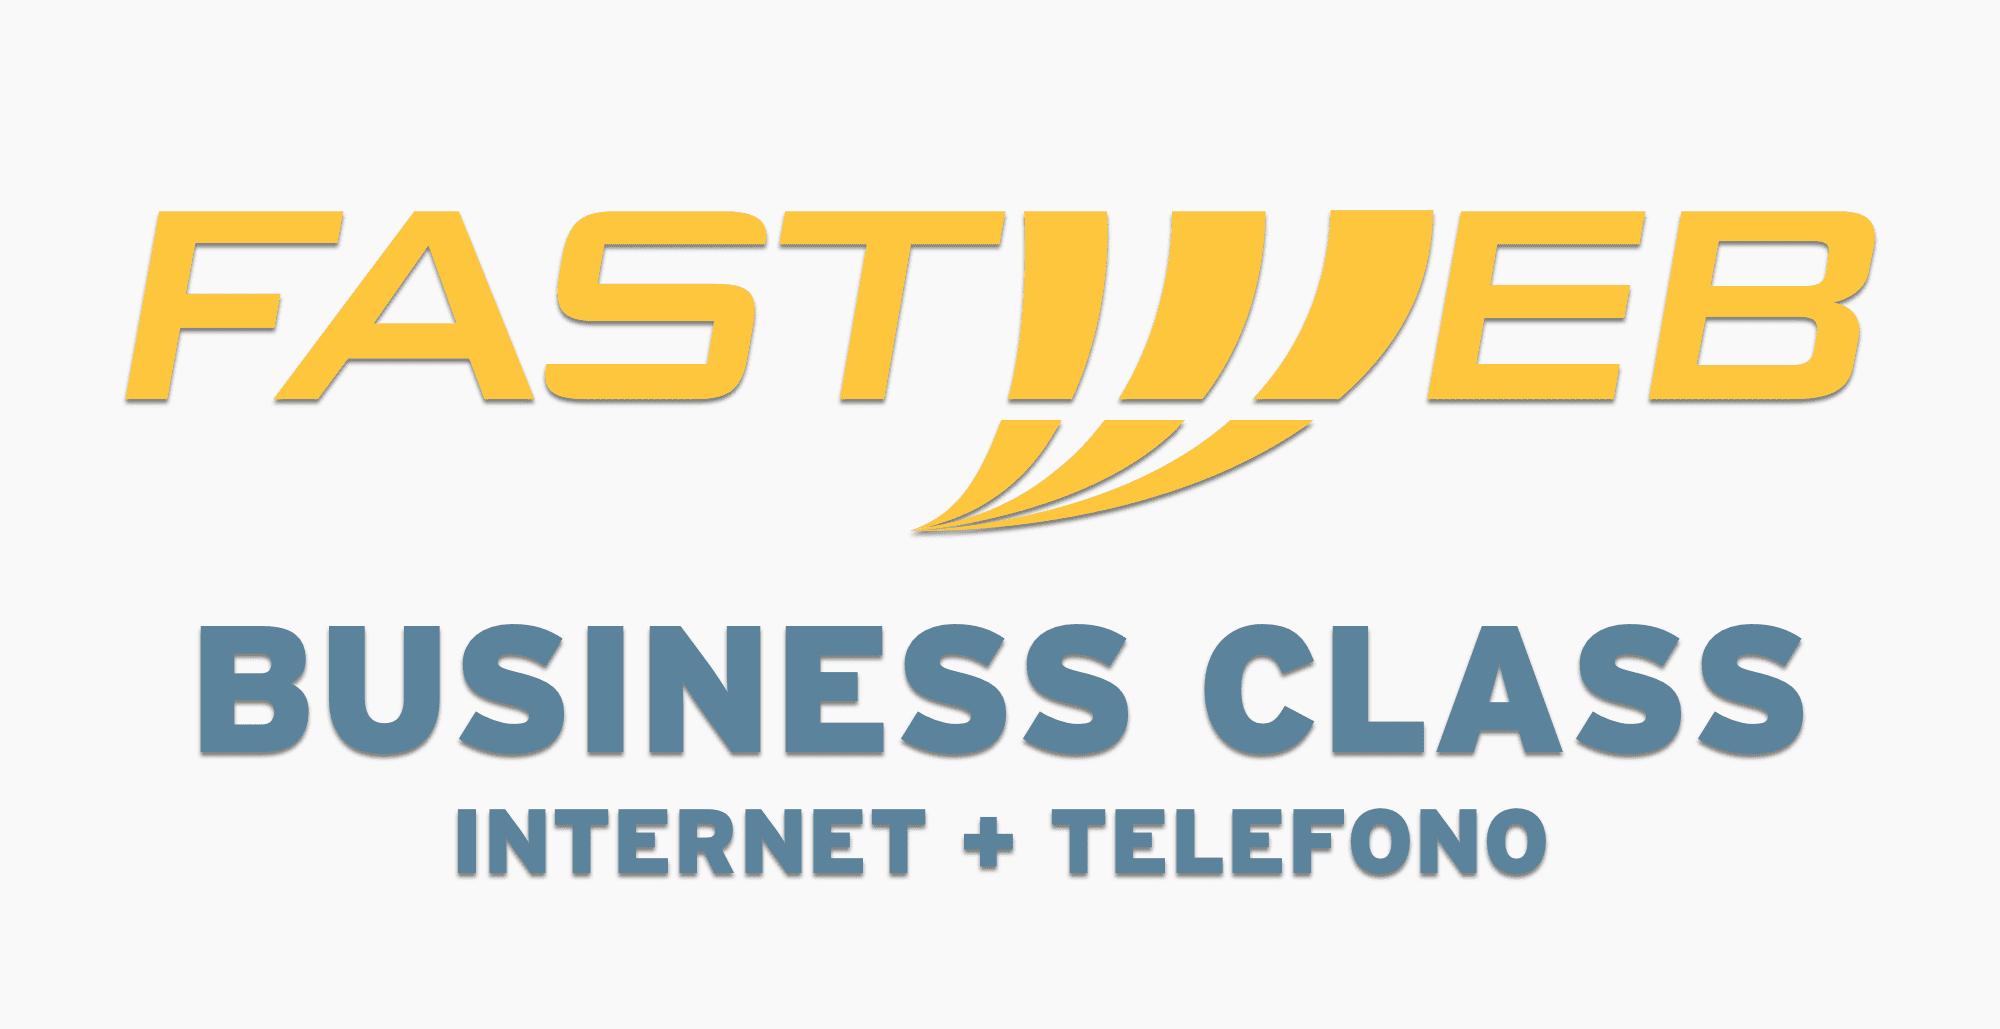 Con Fastweb Business Class hai internet e telefono per la tua azienda